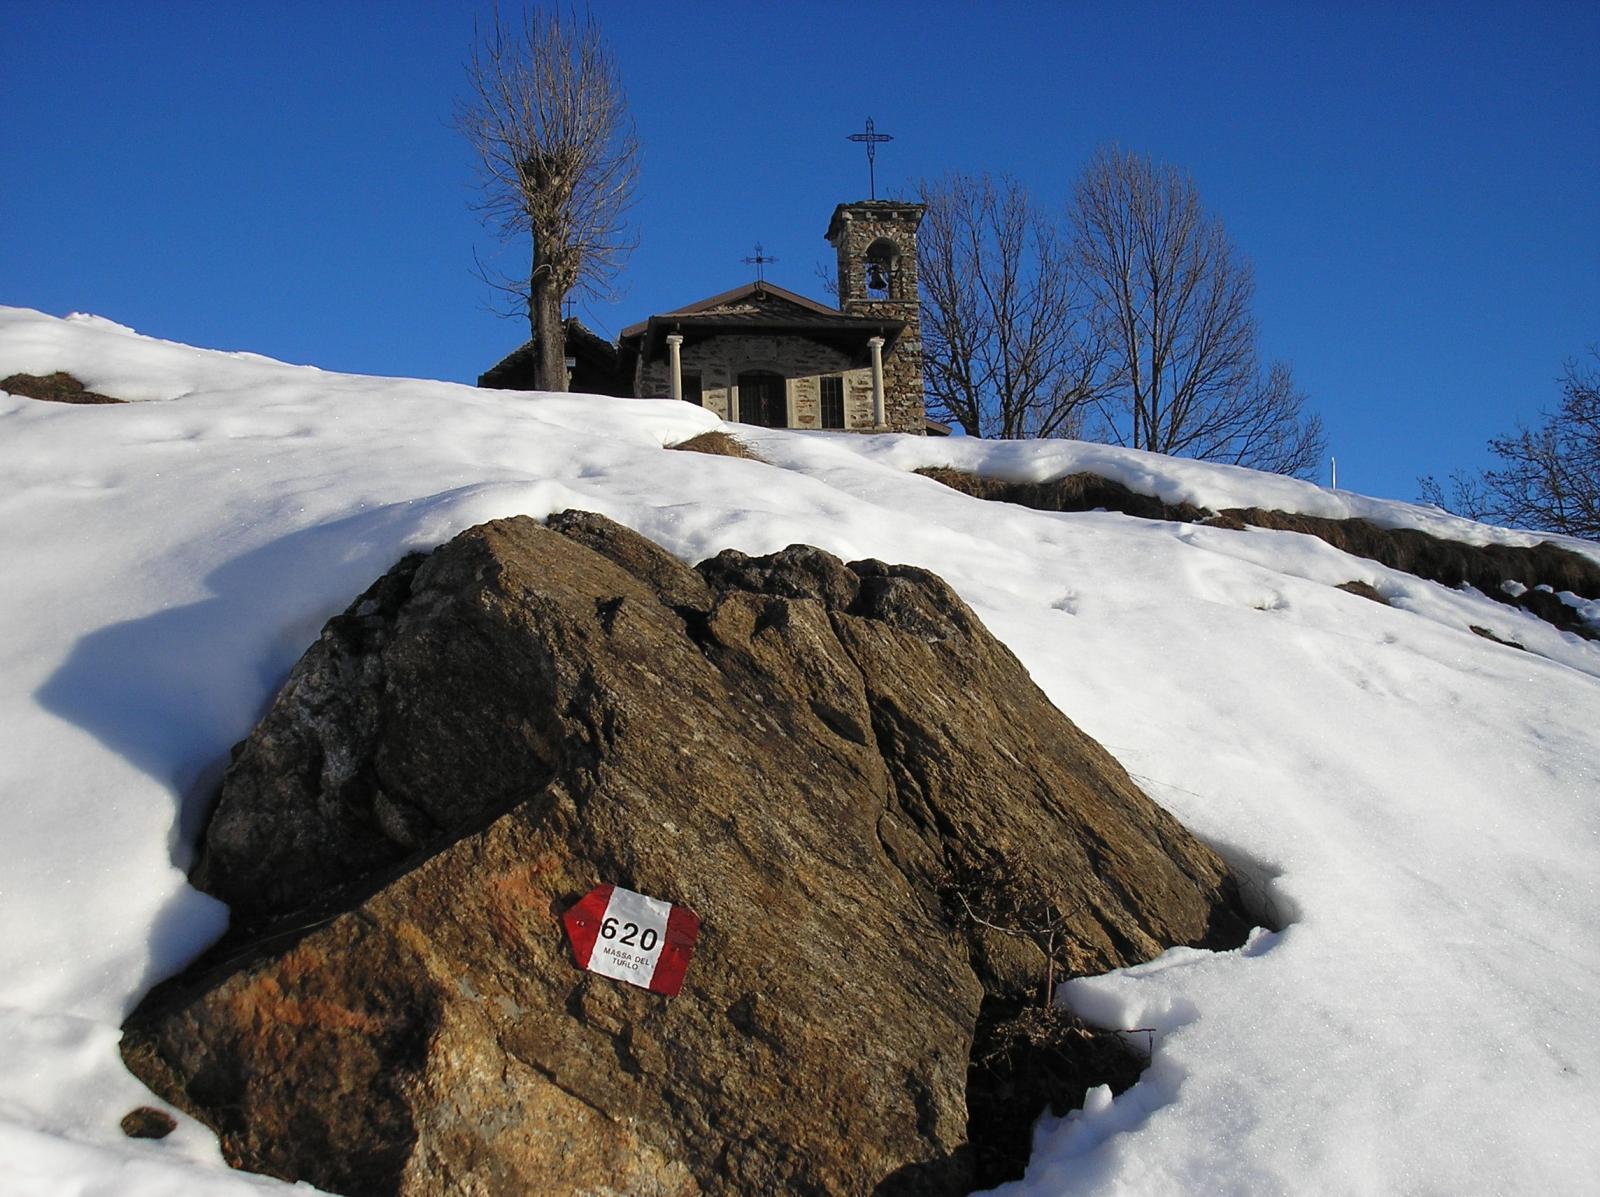 sentiero n 620 in prossimita' della chiesa dedicata a Michele arcangelo